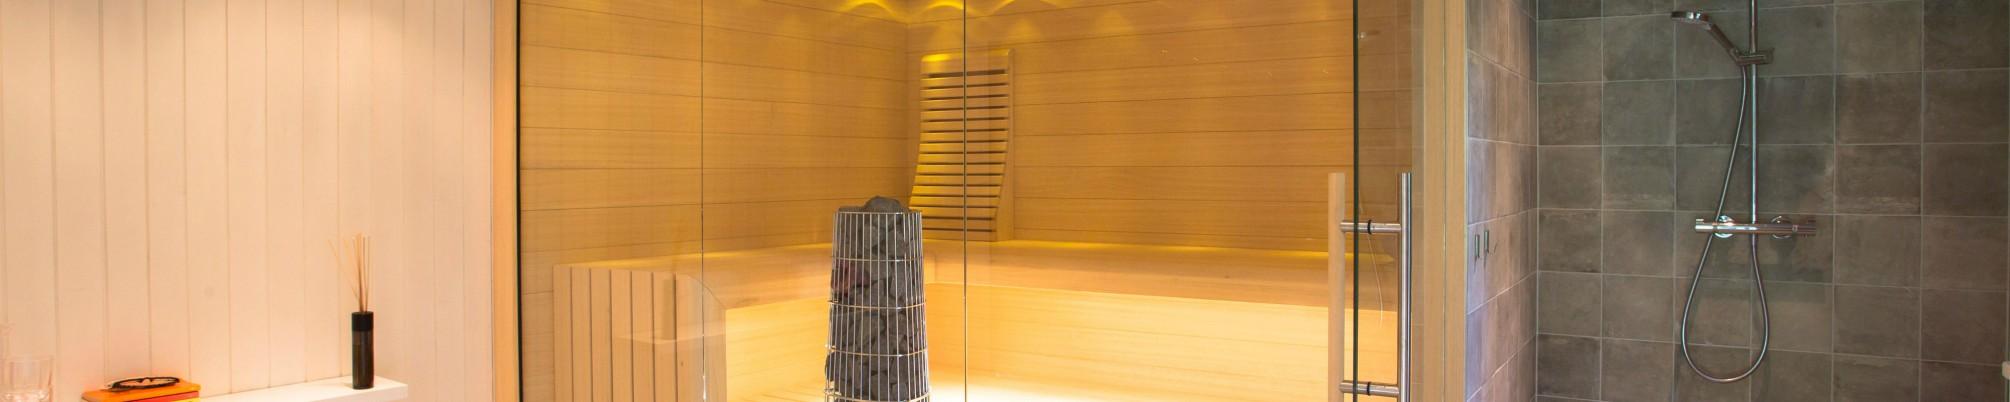 maatwerk-sauna-kopen